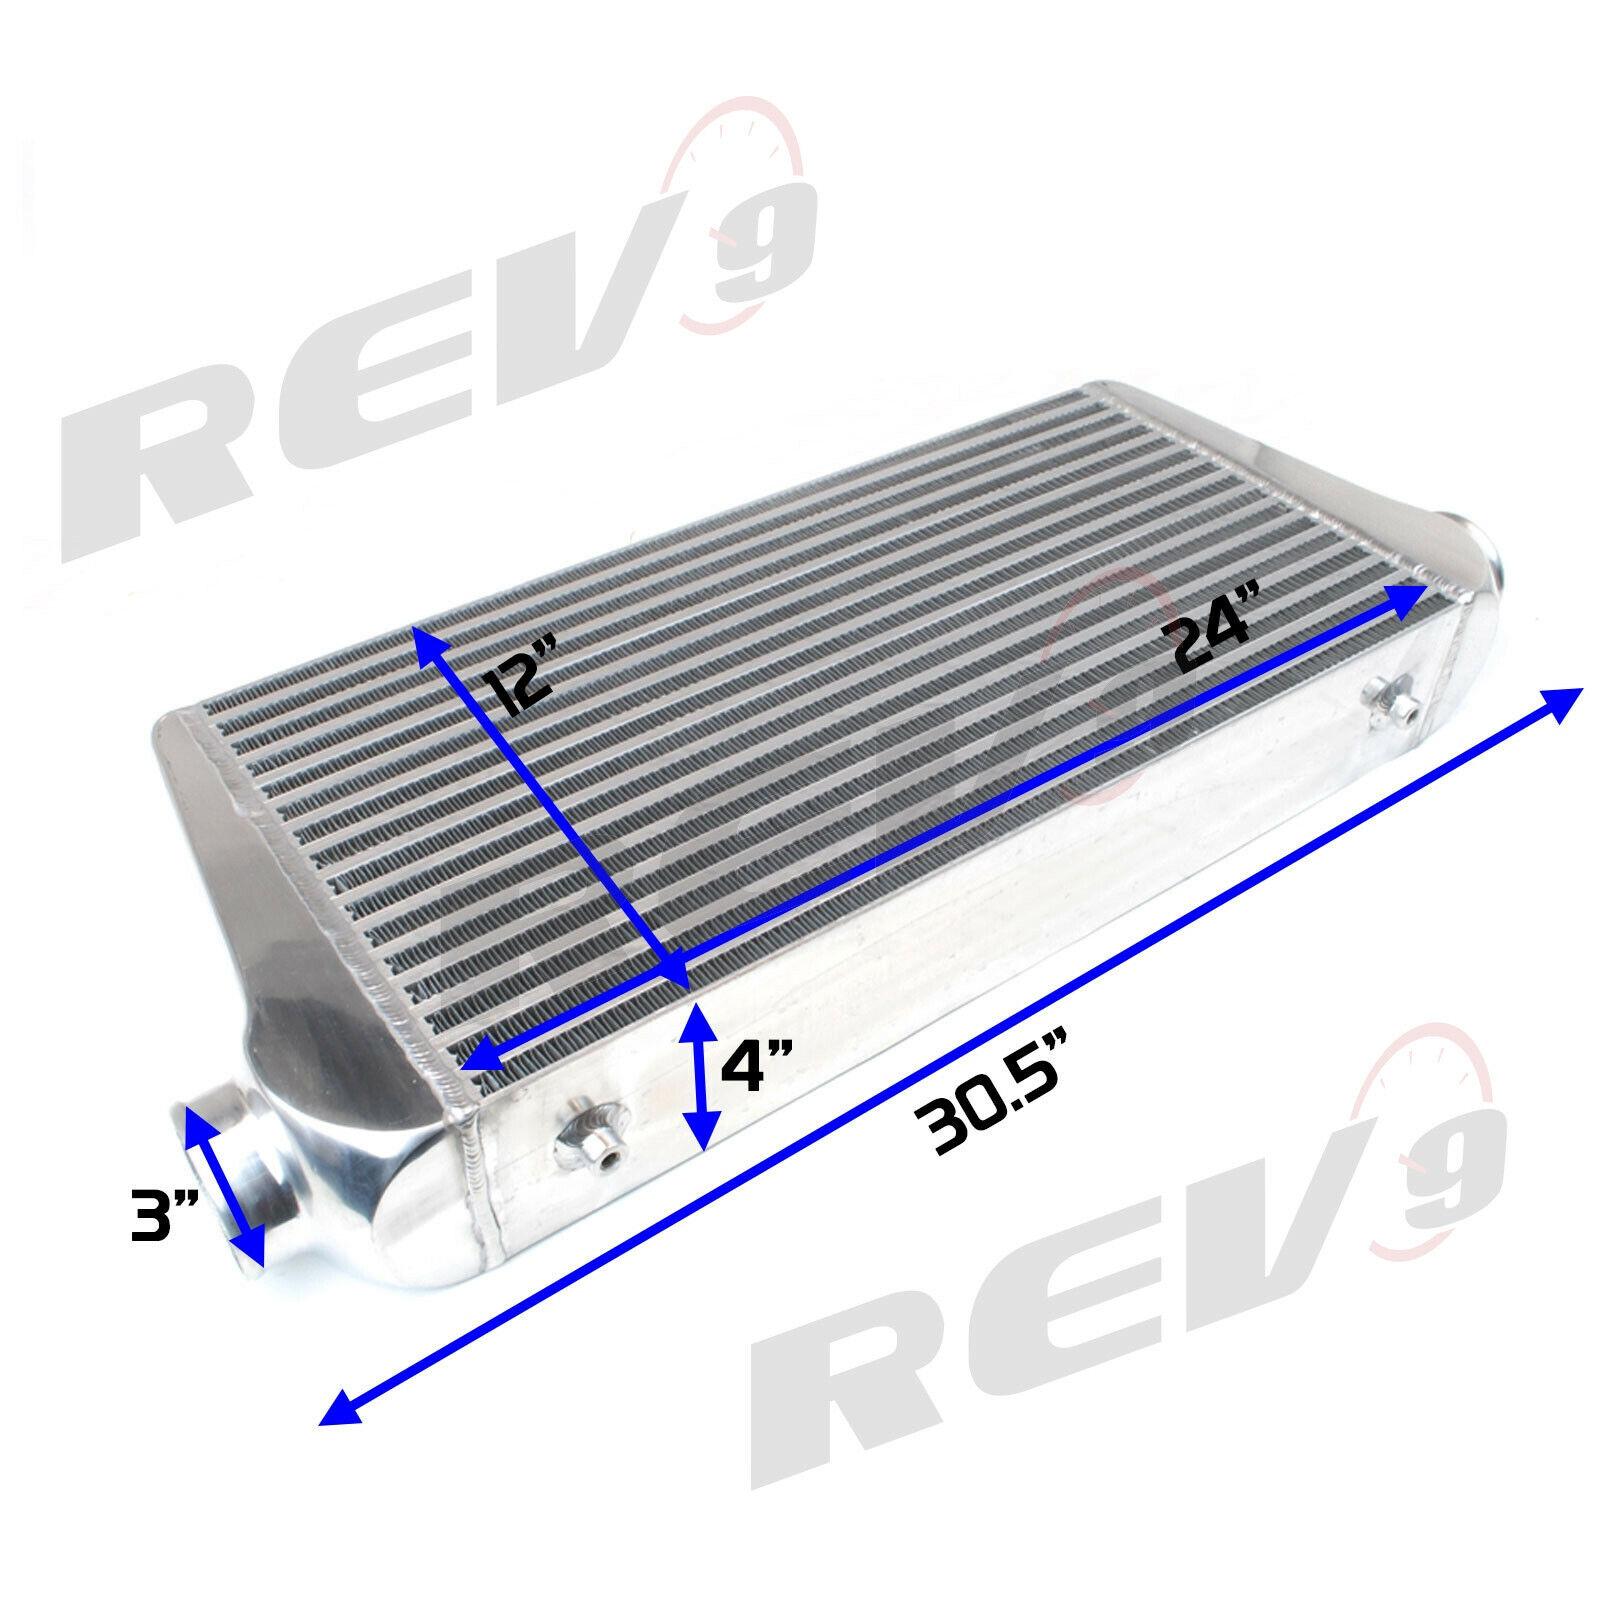 REV9 UNIVERSAL SPEC R TURBO INTERCOOLER FMIC ALUMINUM 30.5X12X4 400-800HP 3inch